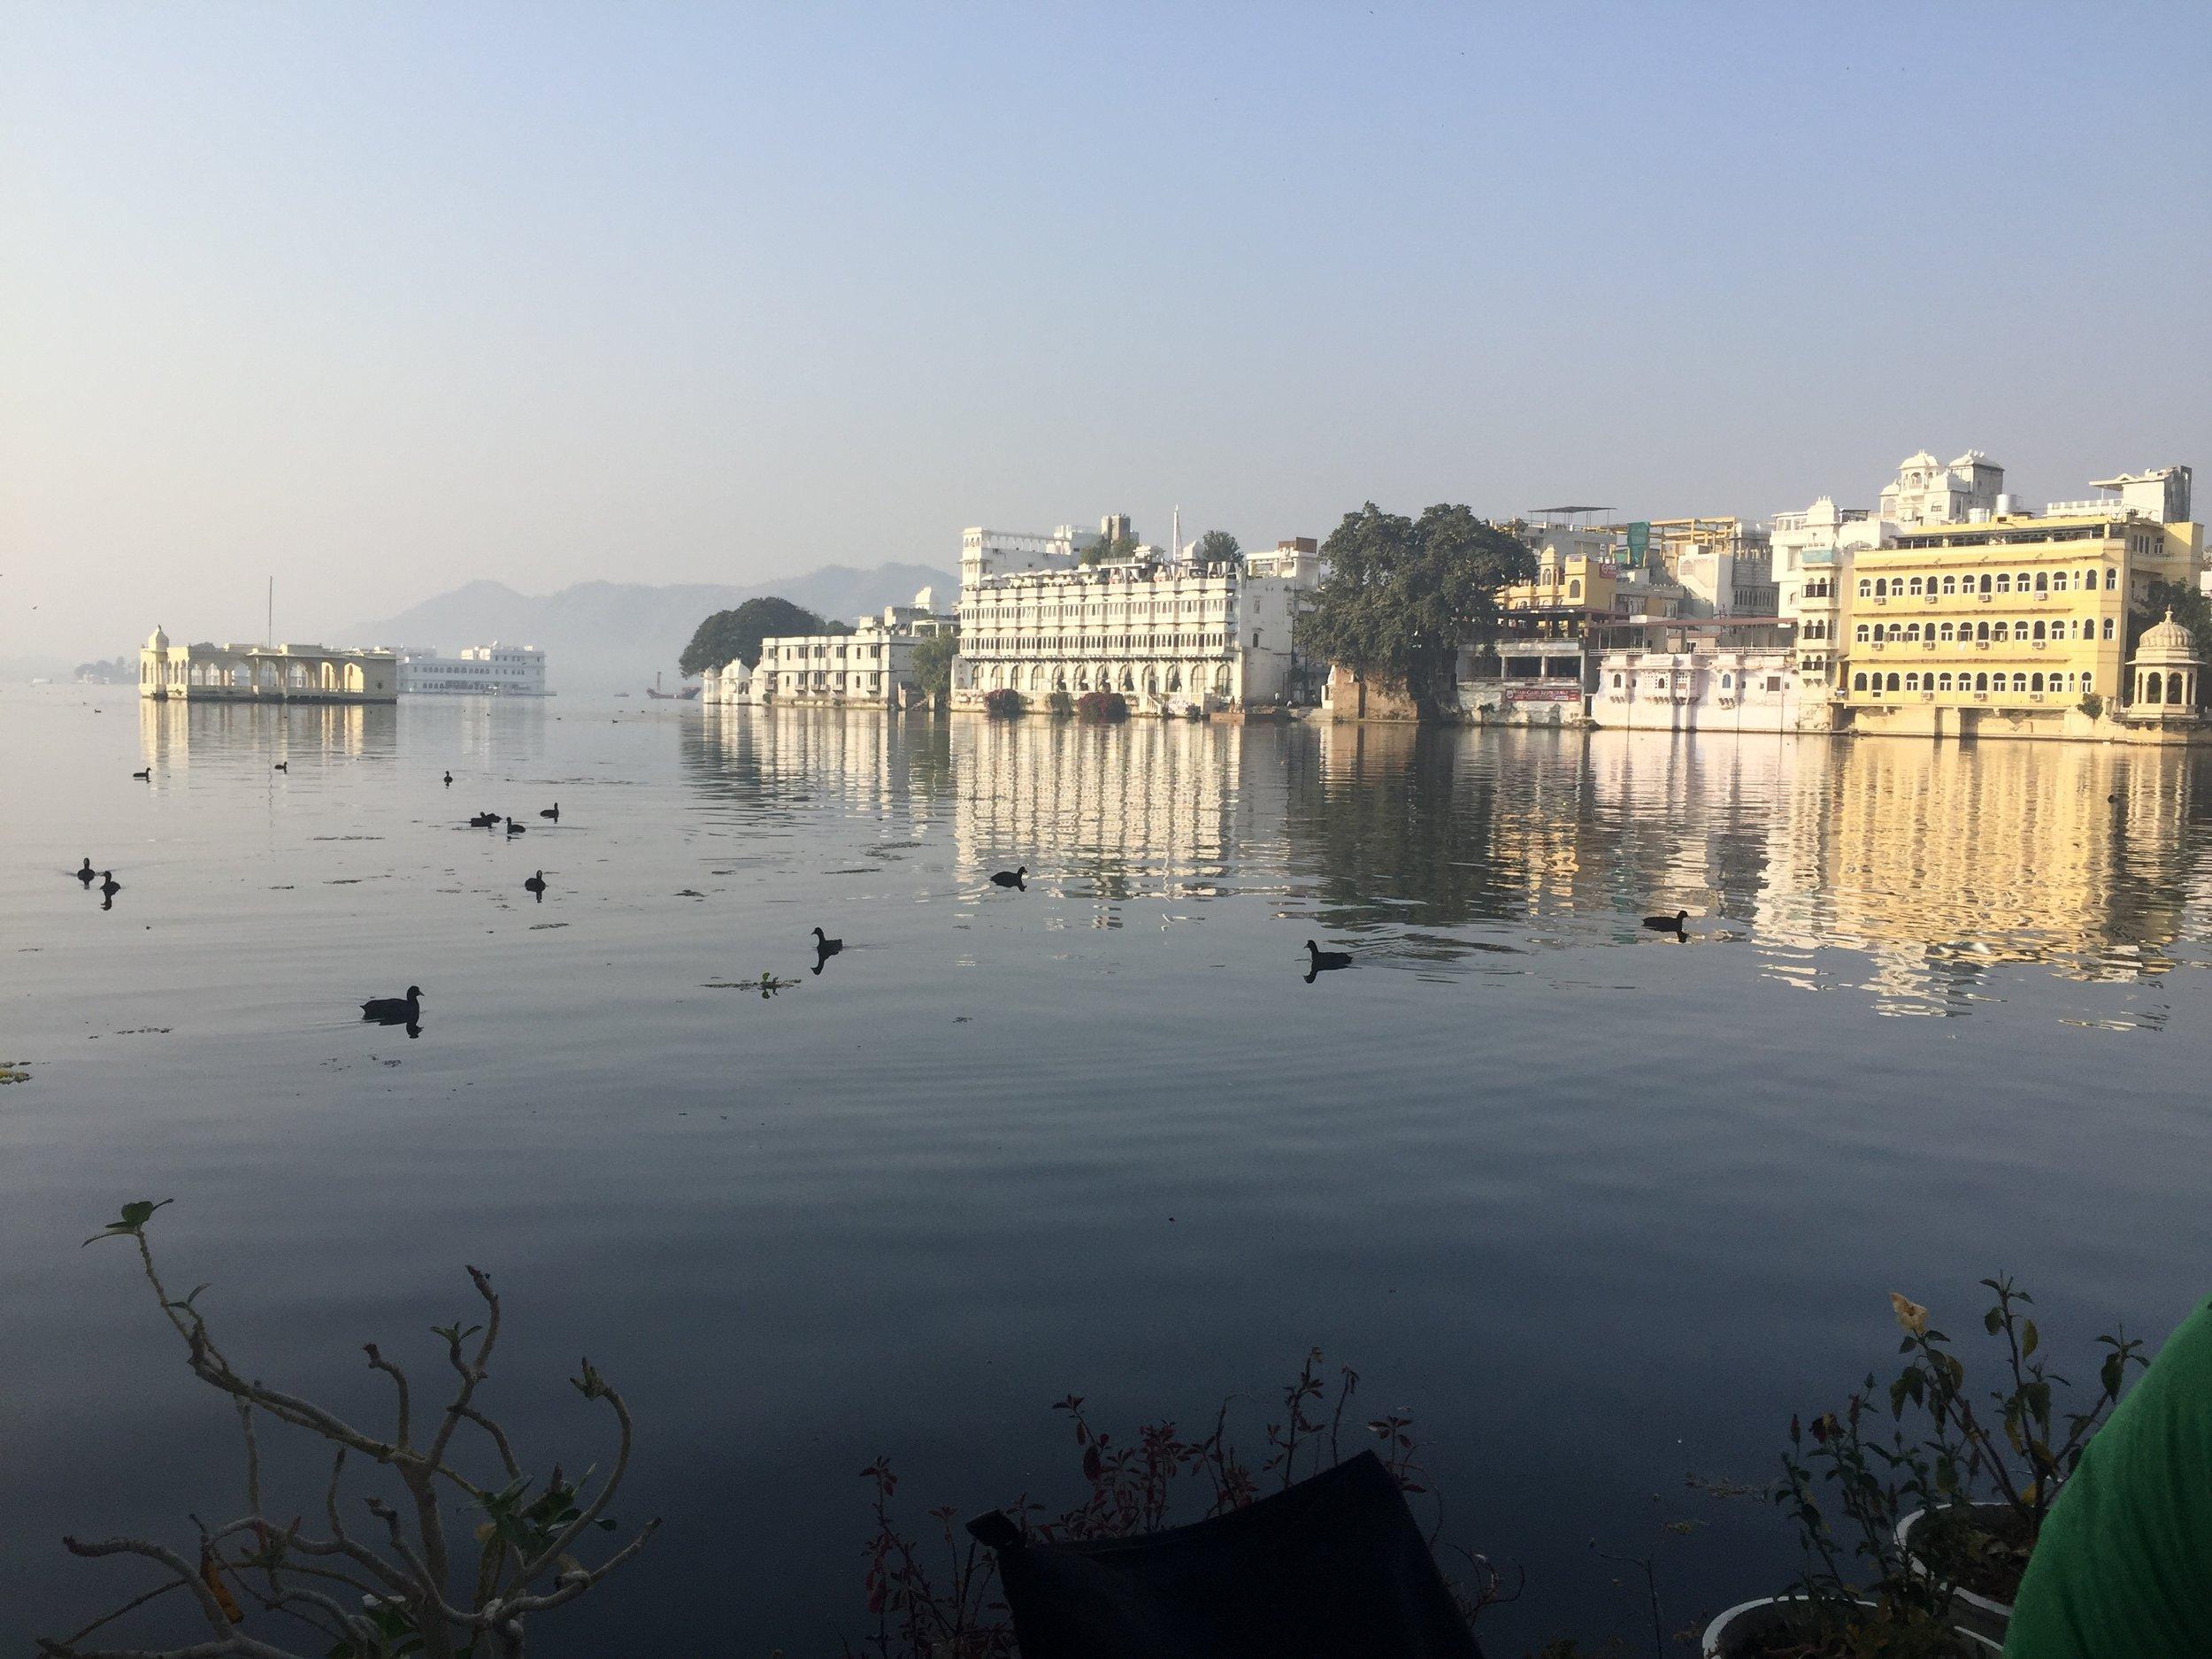 Lake Pichola Udaipur, India